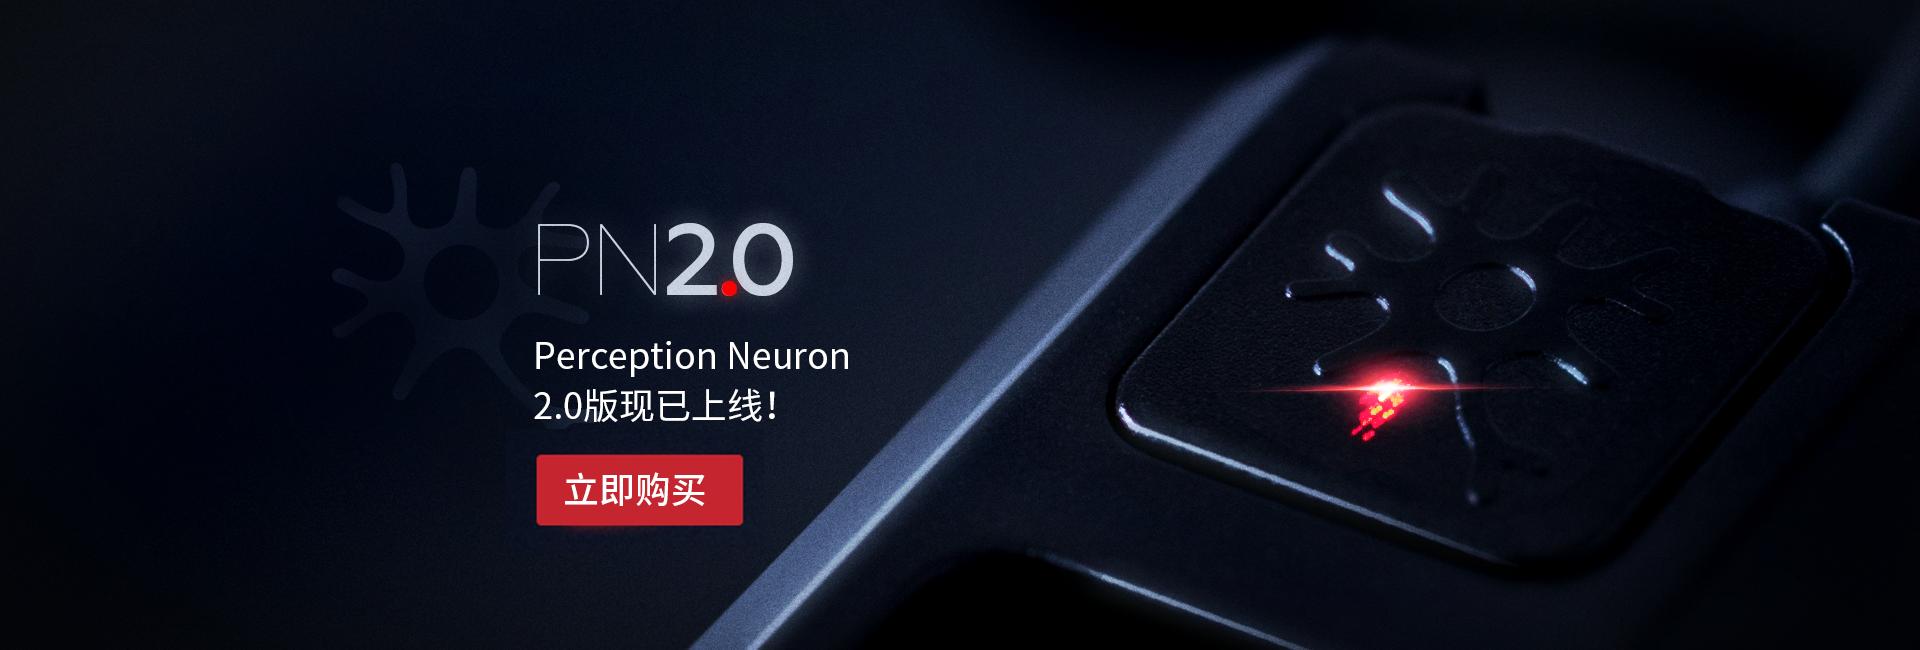 Perception Neuron2.0